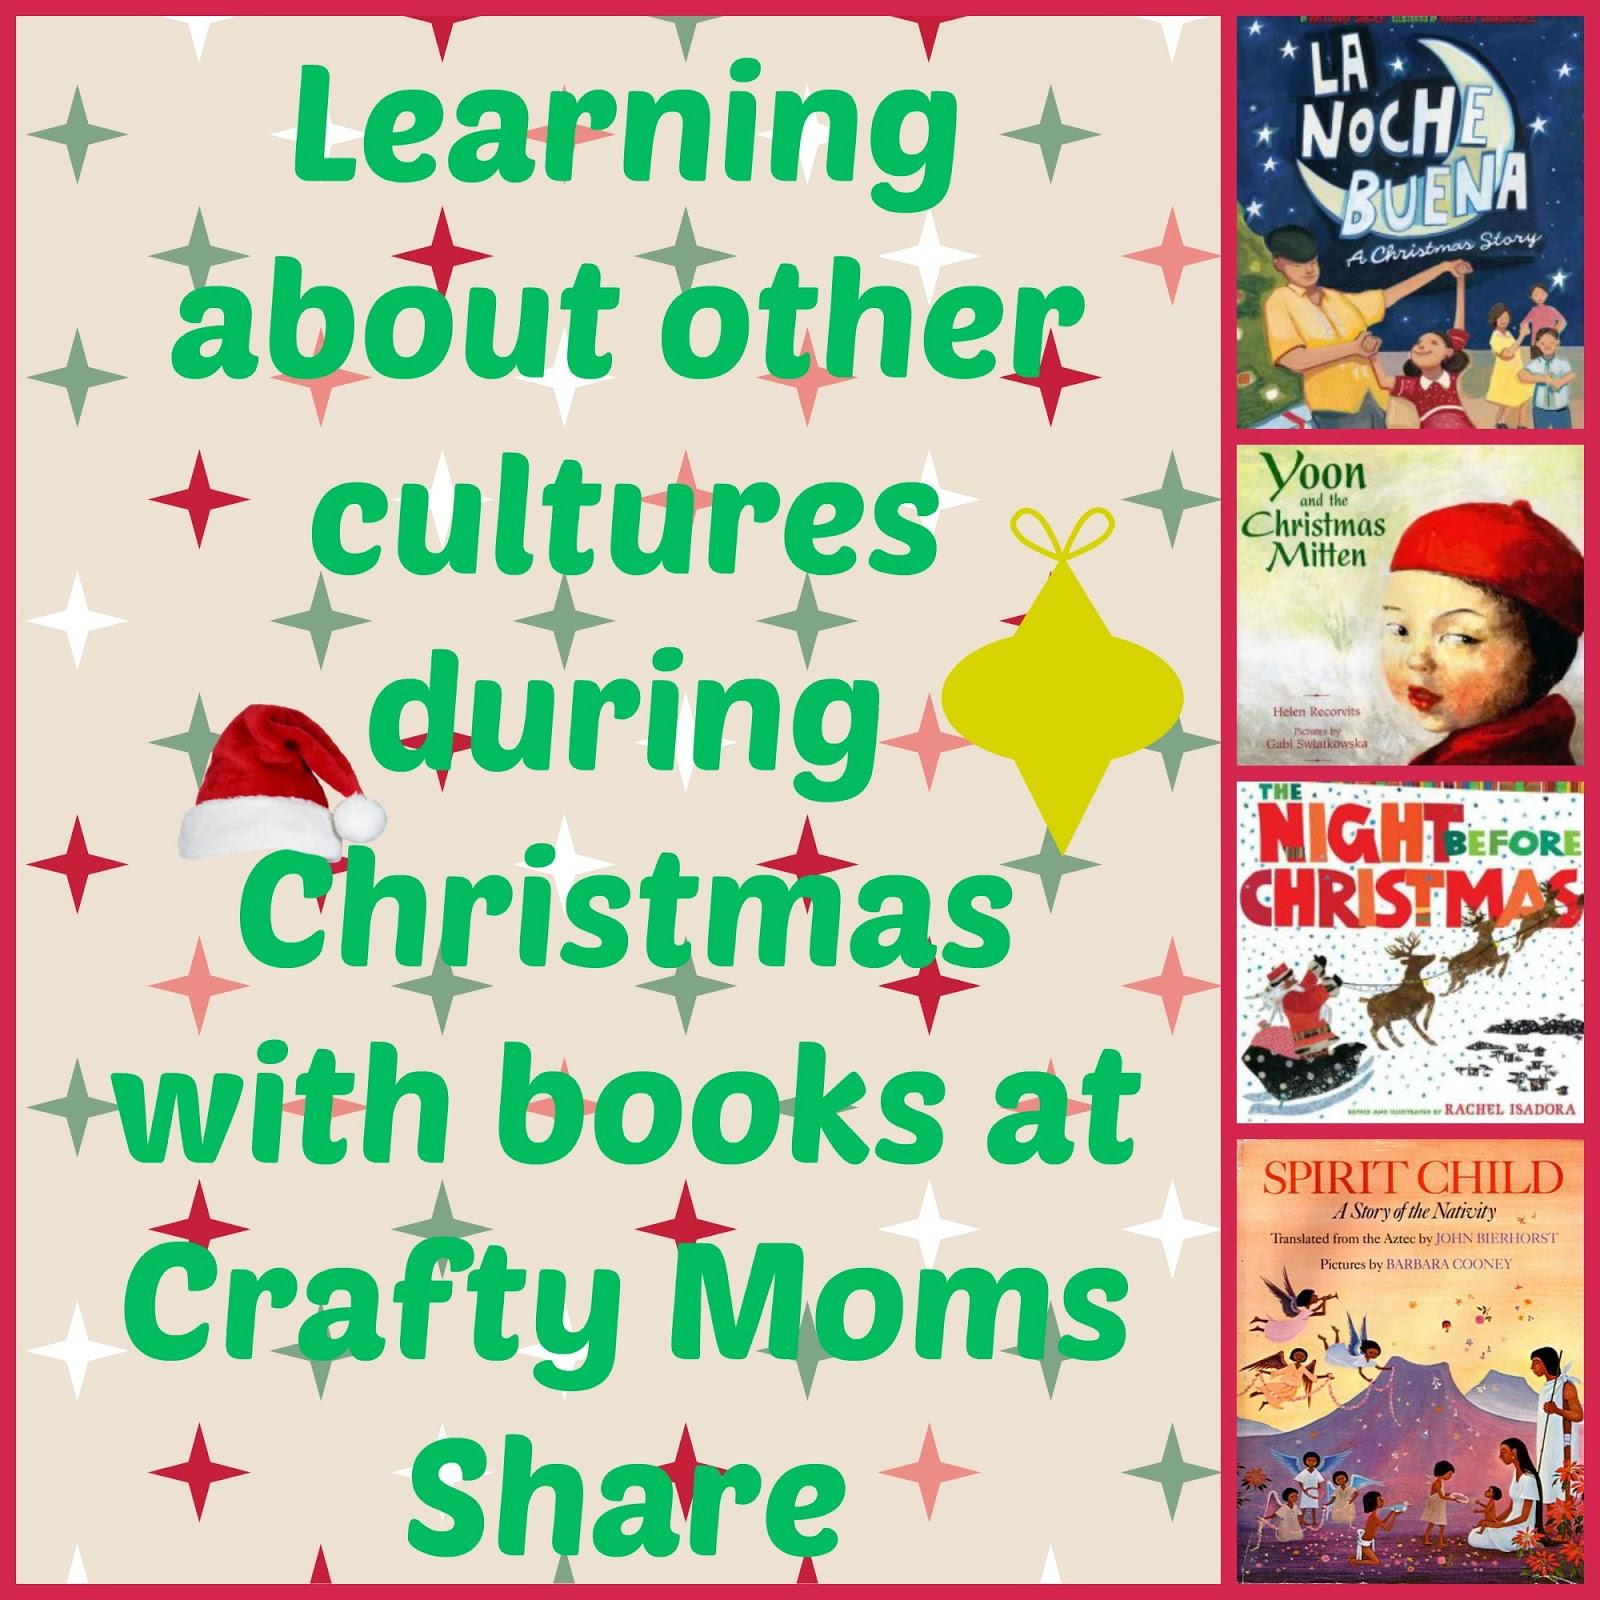 Crafty Moms Share December 2013